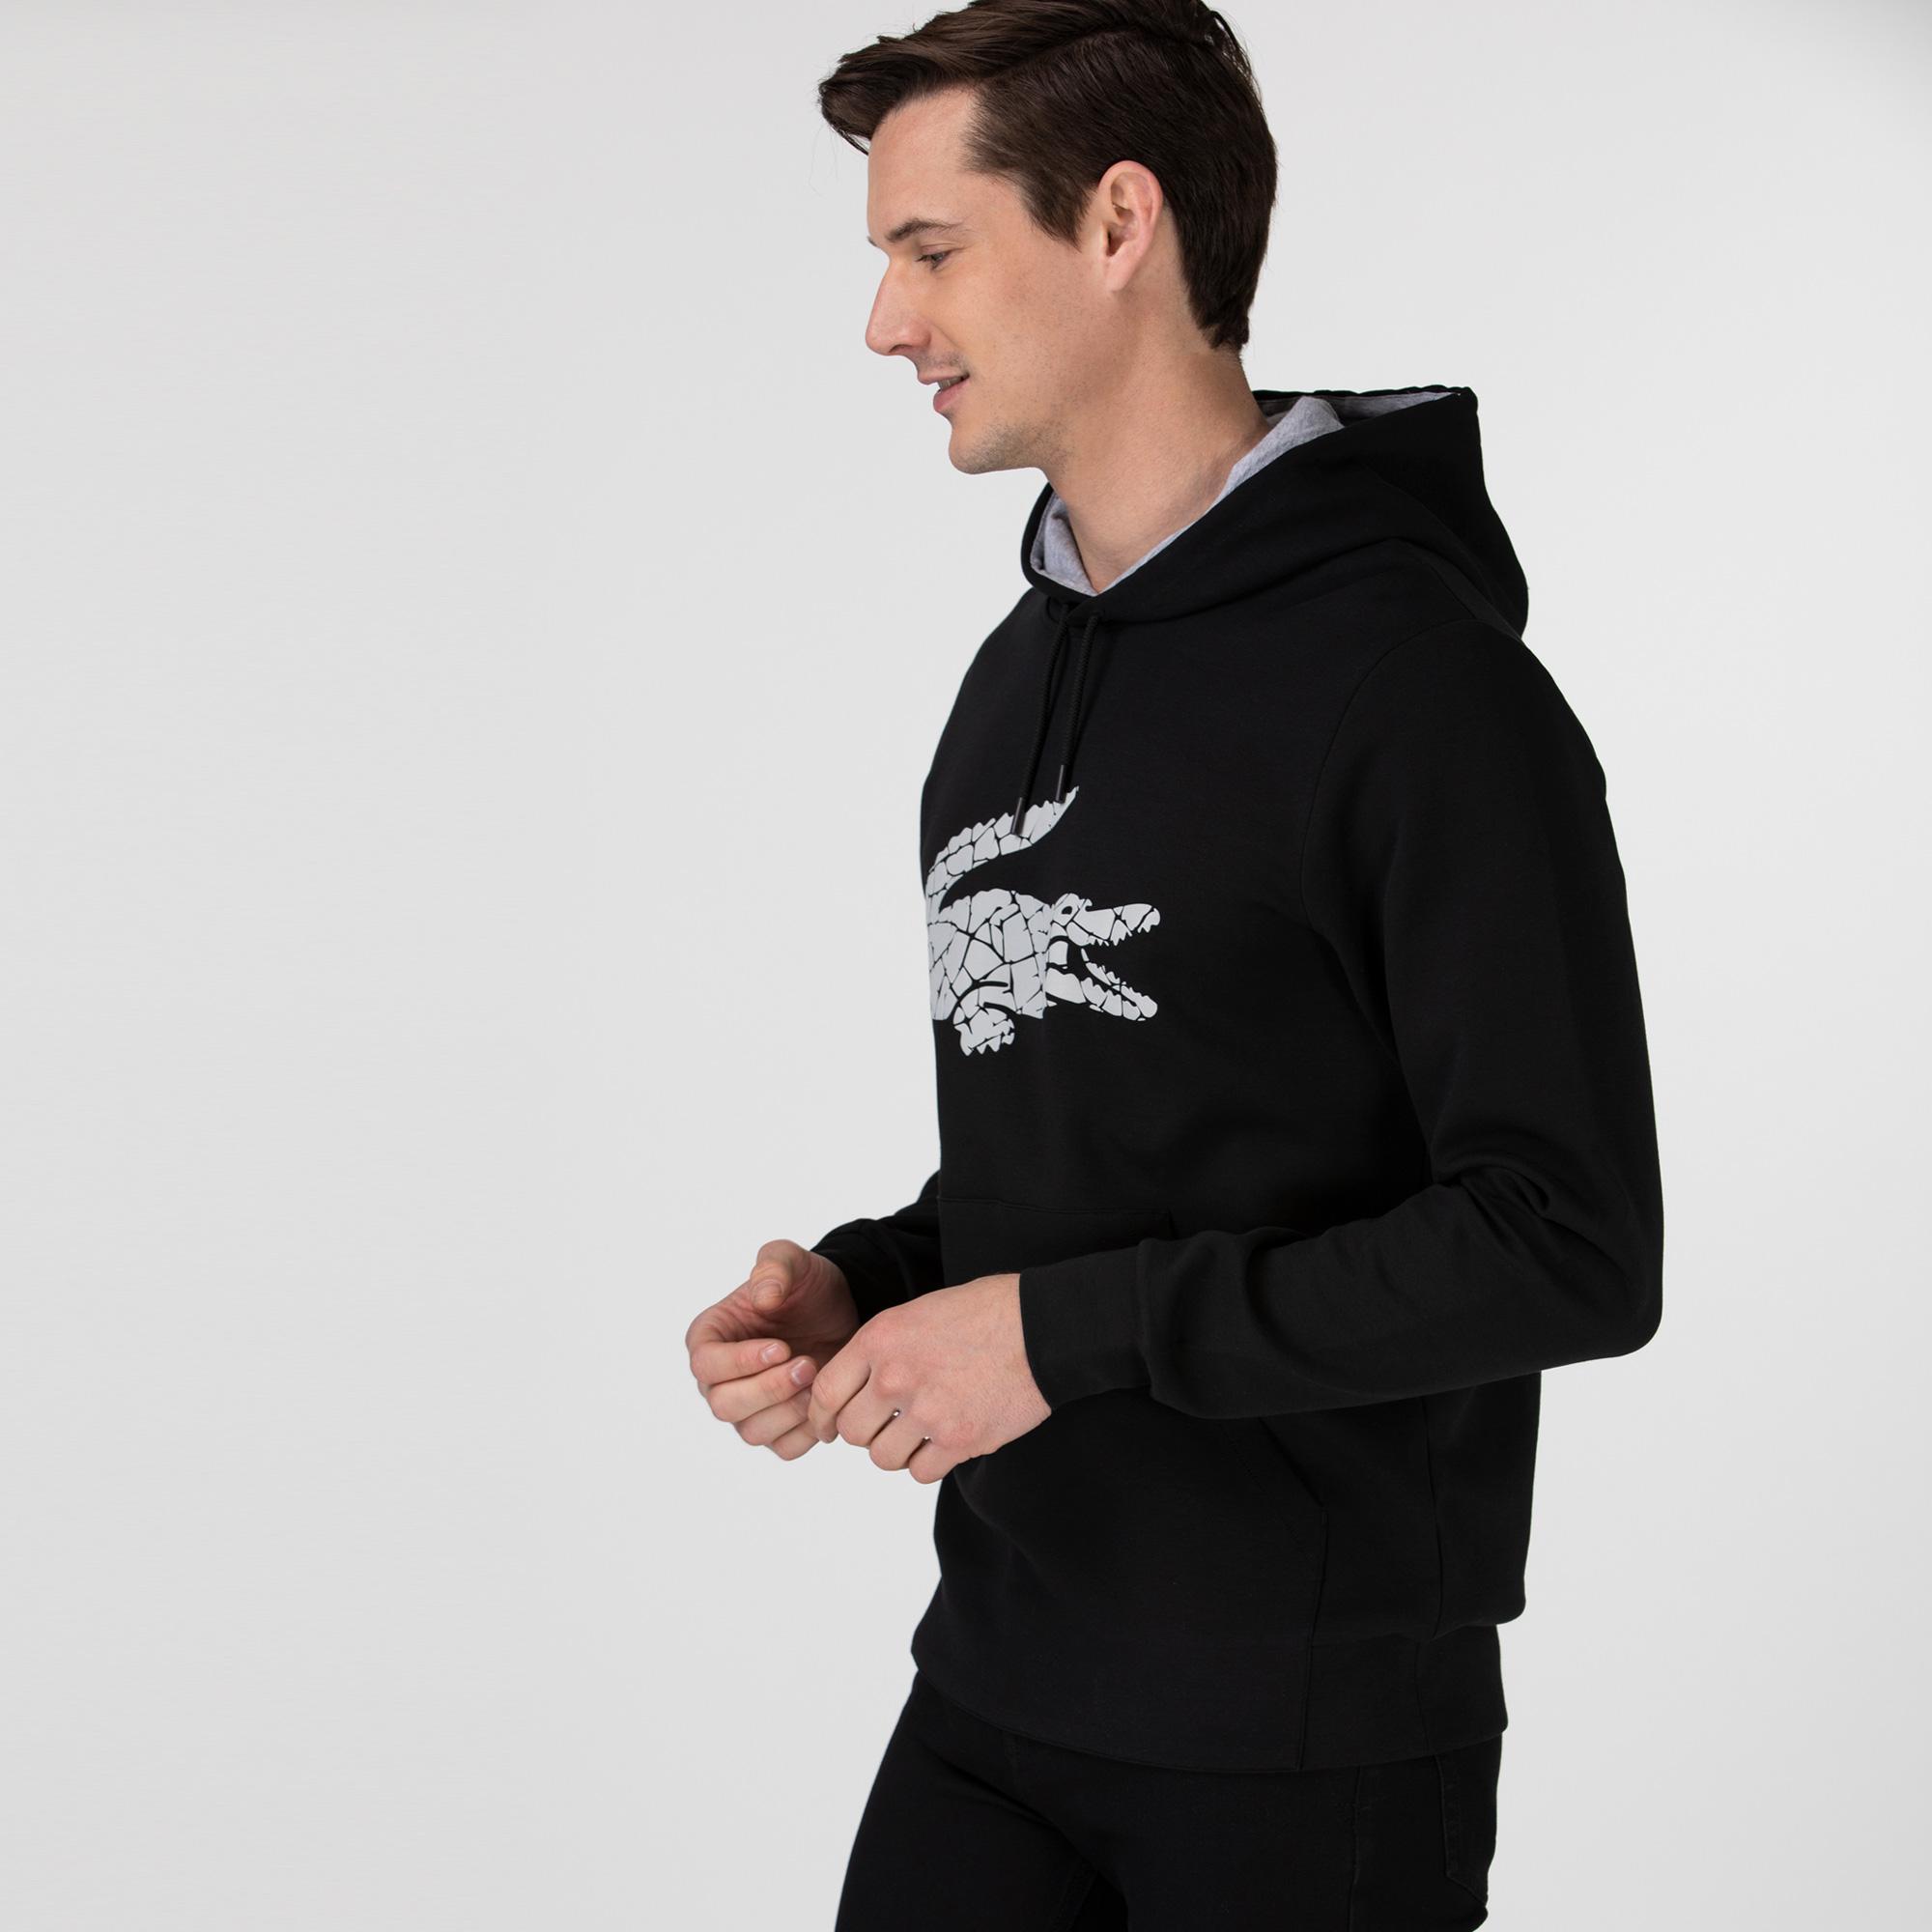 Lacoste Erkek Kapüşonlu Timsah Baskılı Siyah Sweatshirt